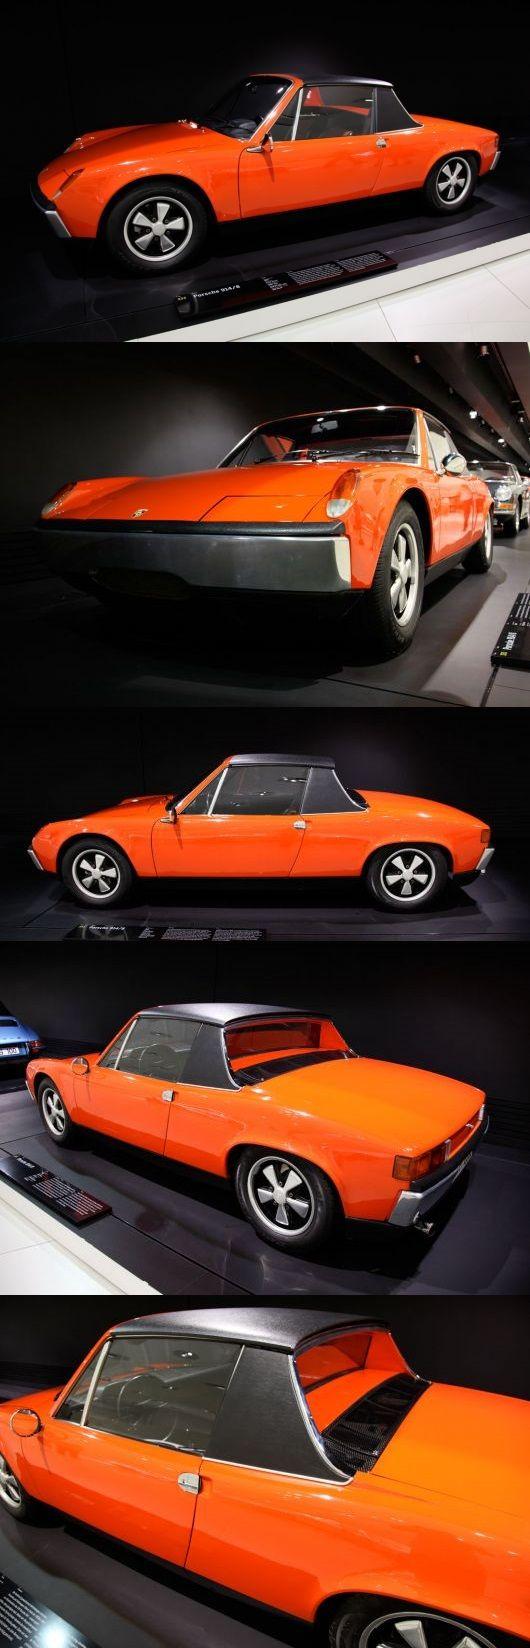 1969 Porsche 914-8.